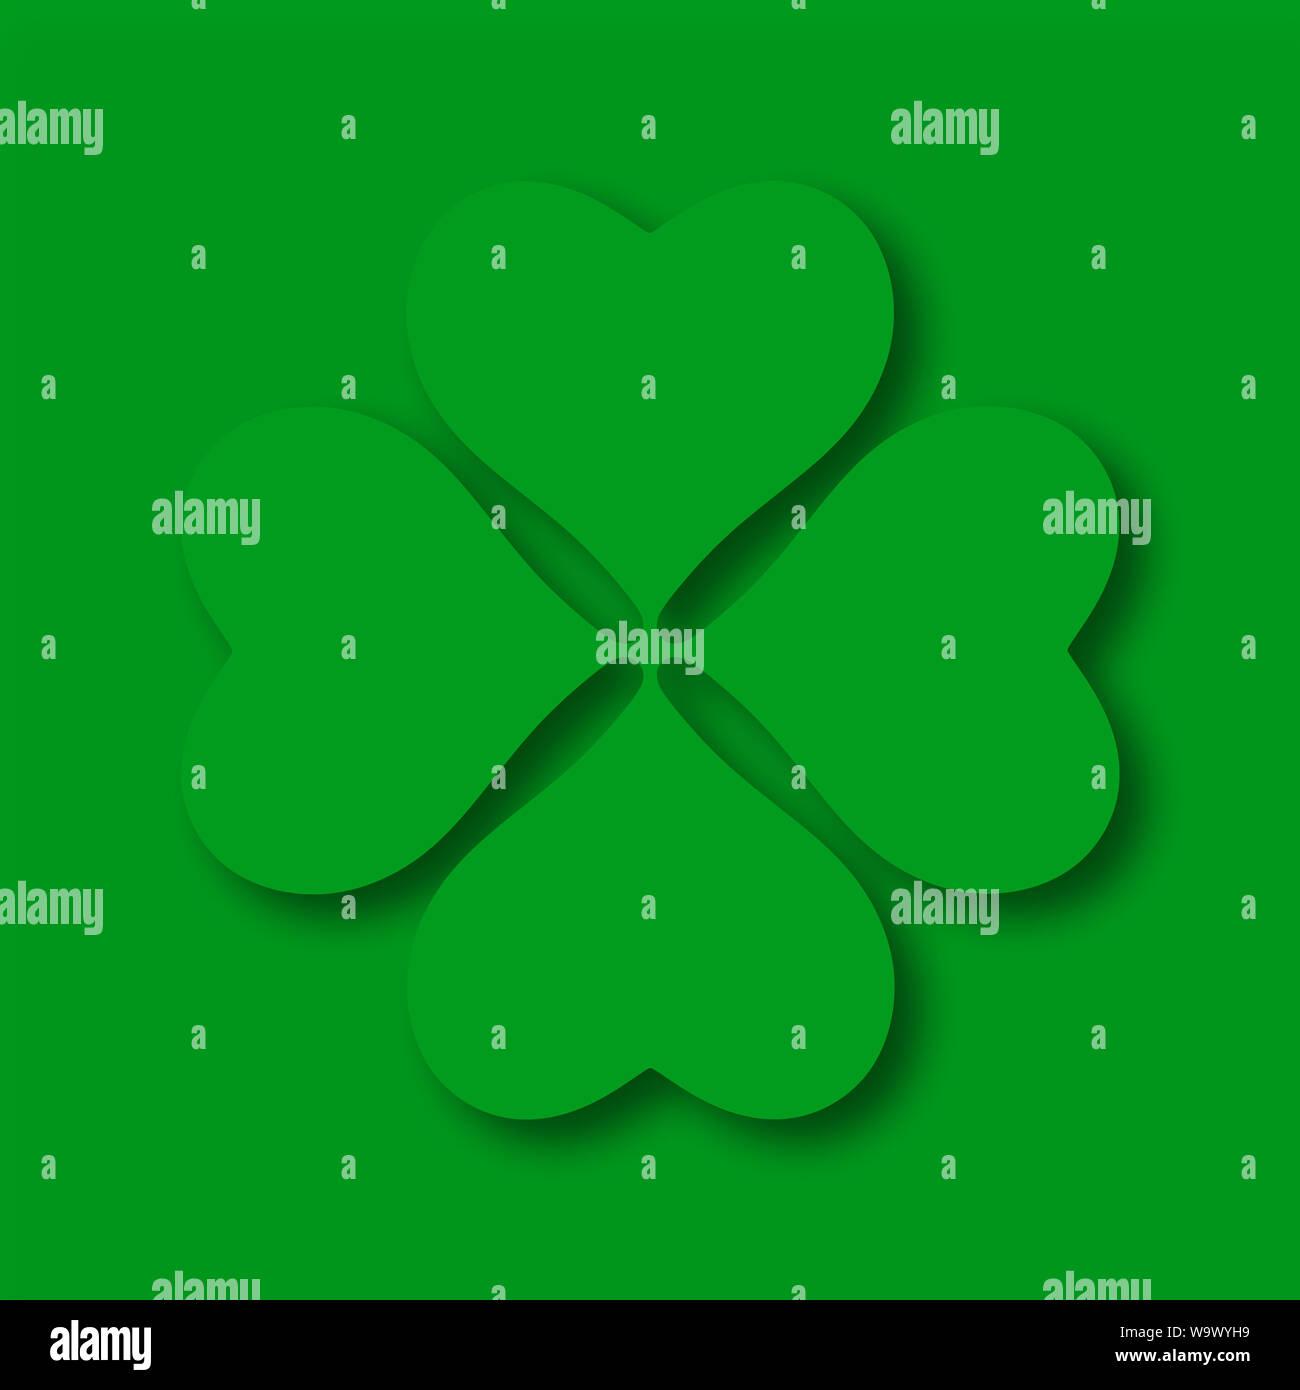 four leaf clover 4 W9WYH9